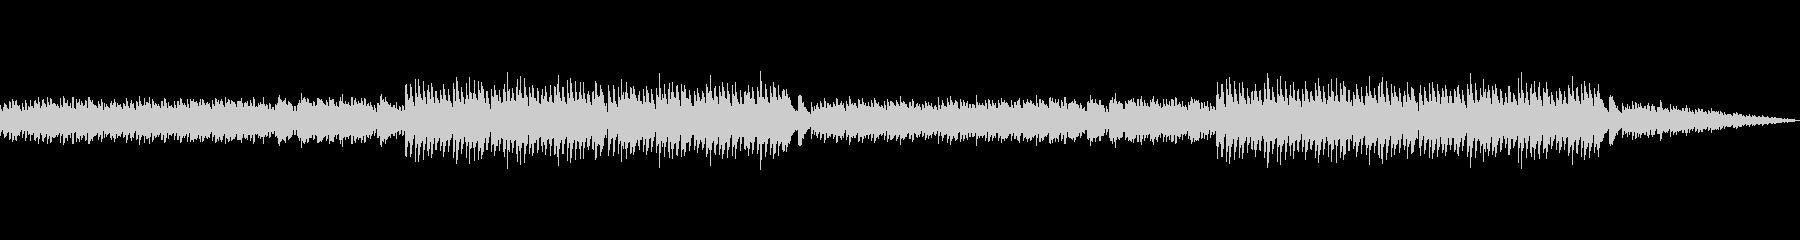 壮大で幻想的な雰囲気のオルゴールBGMの未再生の波形